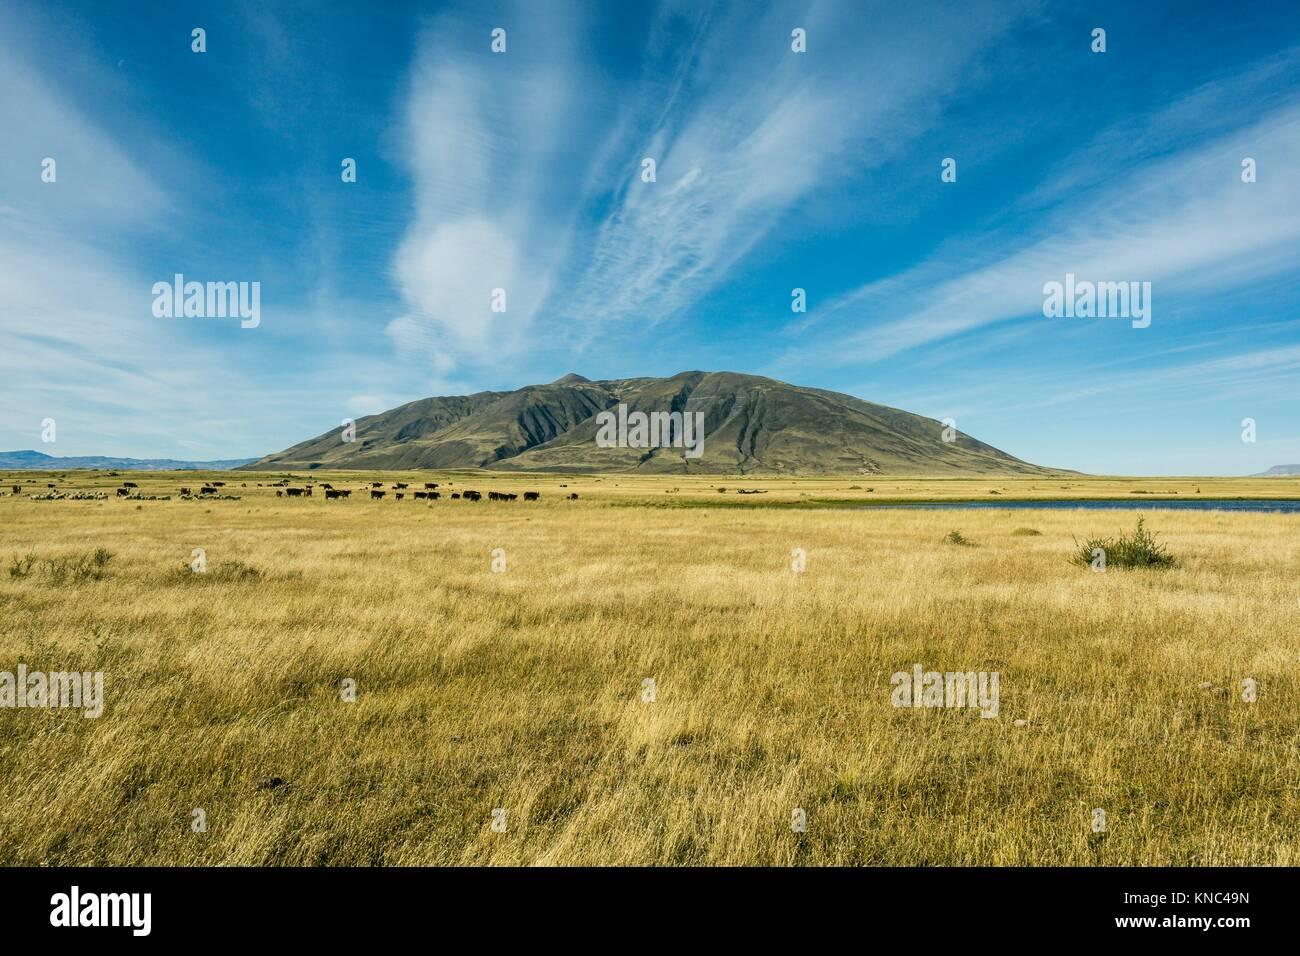 Le bétail dans la Pampa près du Lago Roca, Patagonie, Argentine. Photo Stock